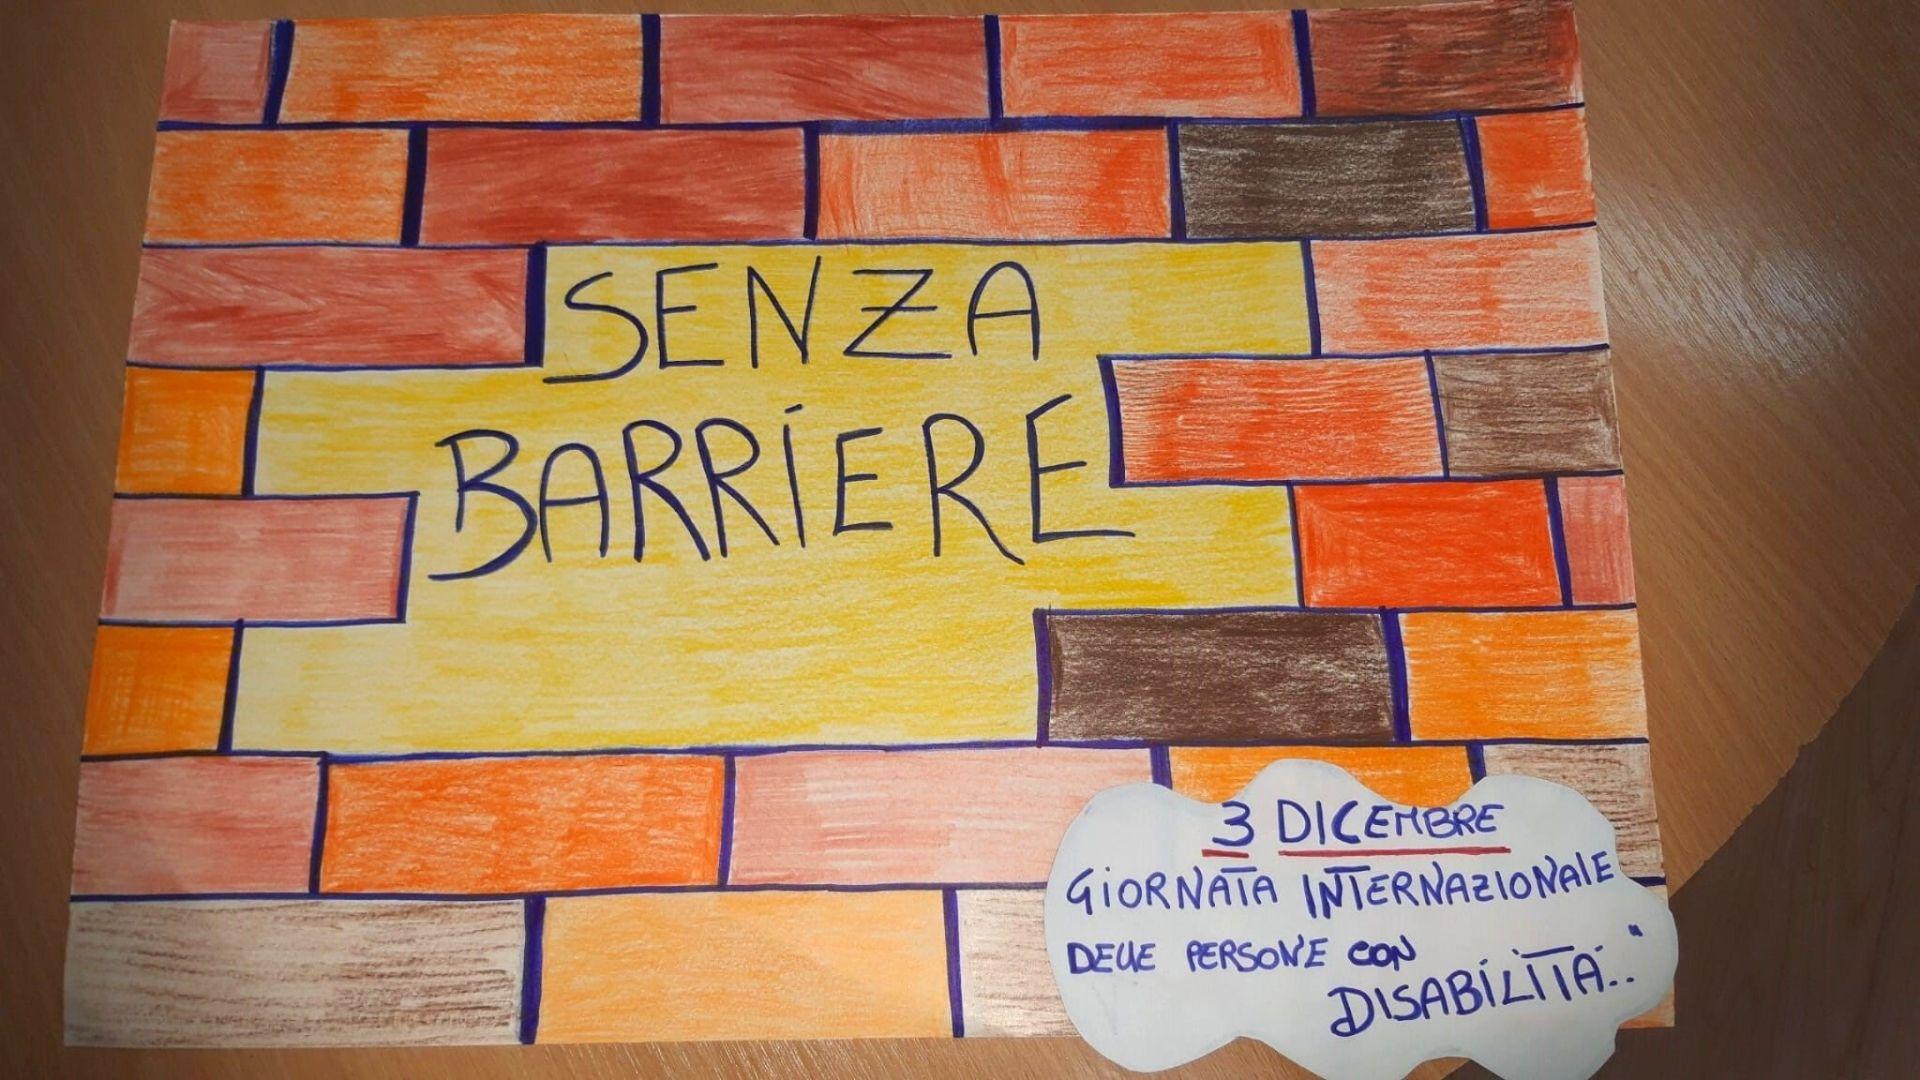 Senza barriere: il messaggio per la Giornata mondiale della Disabilità